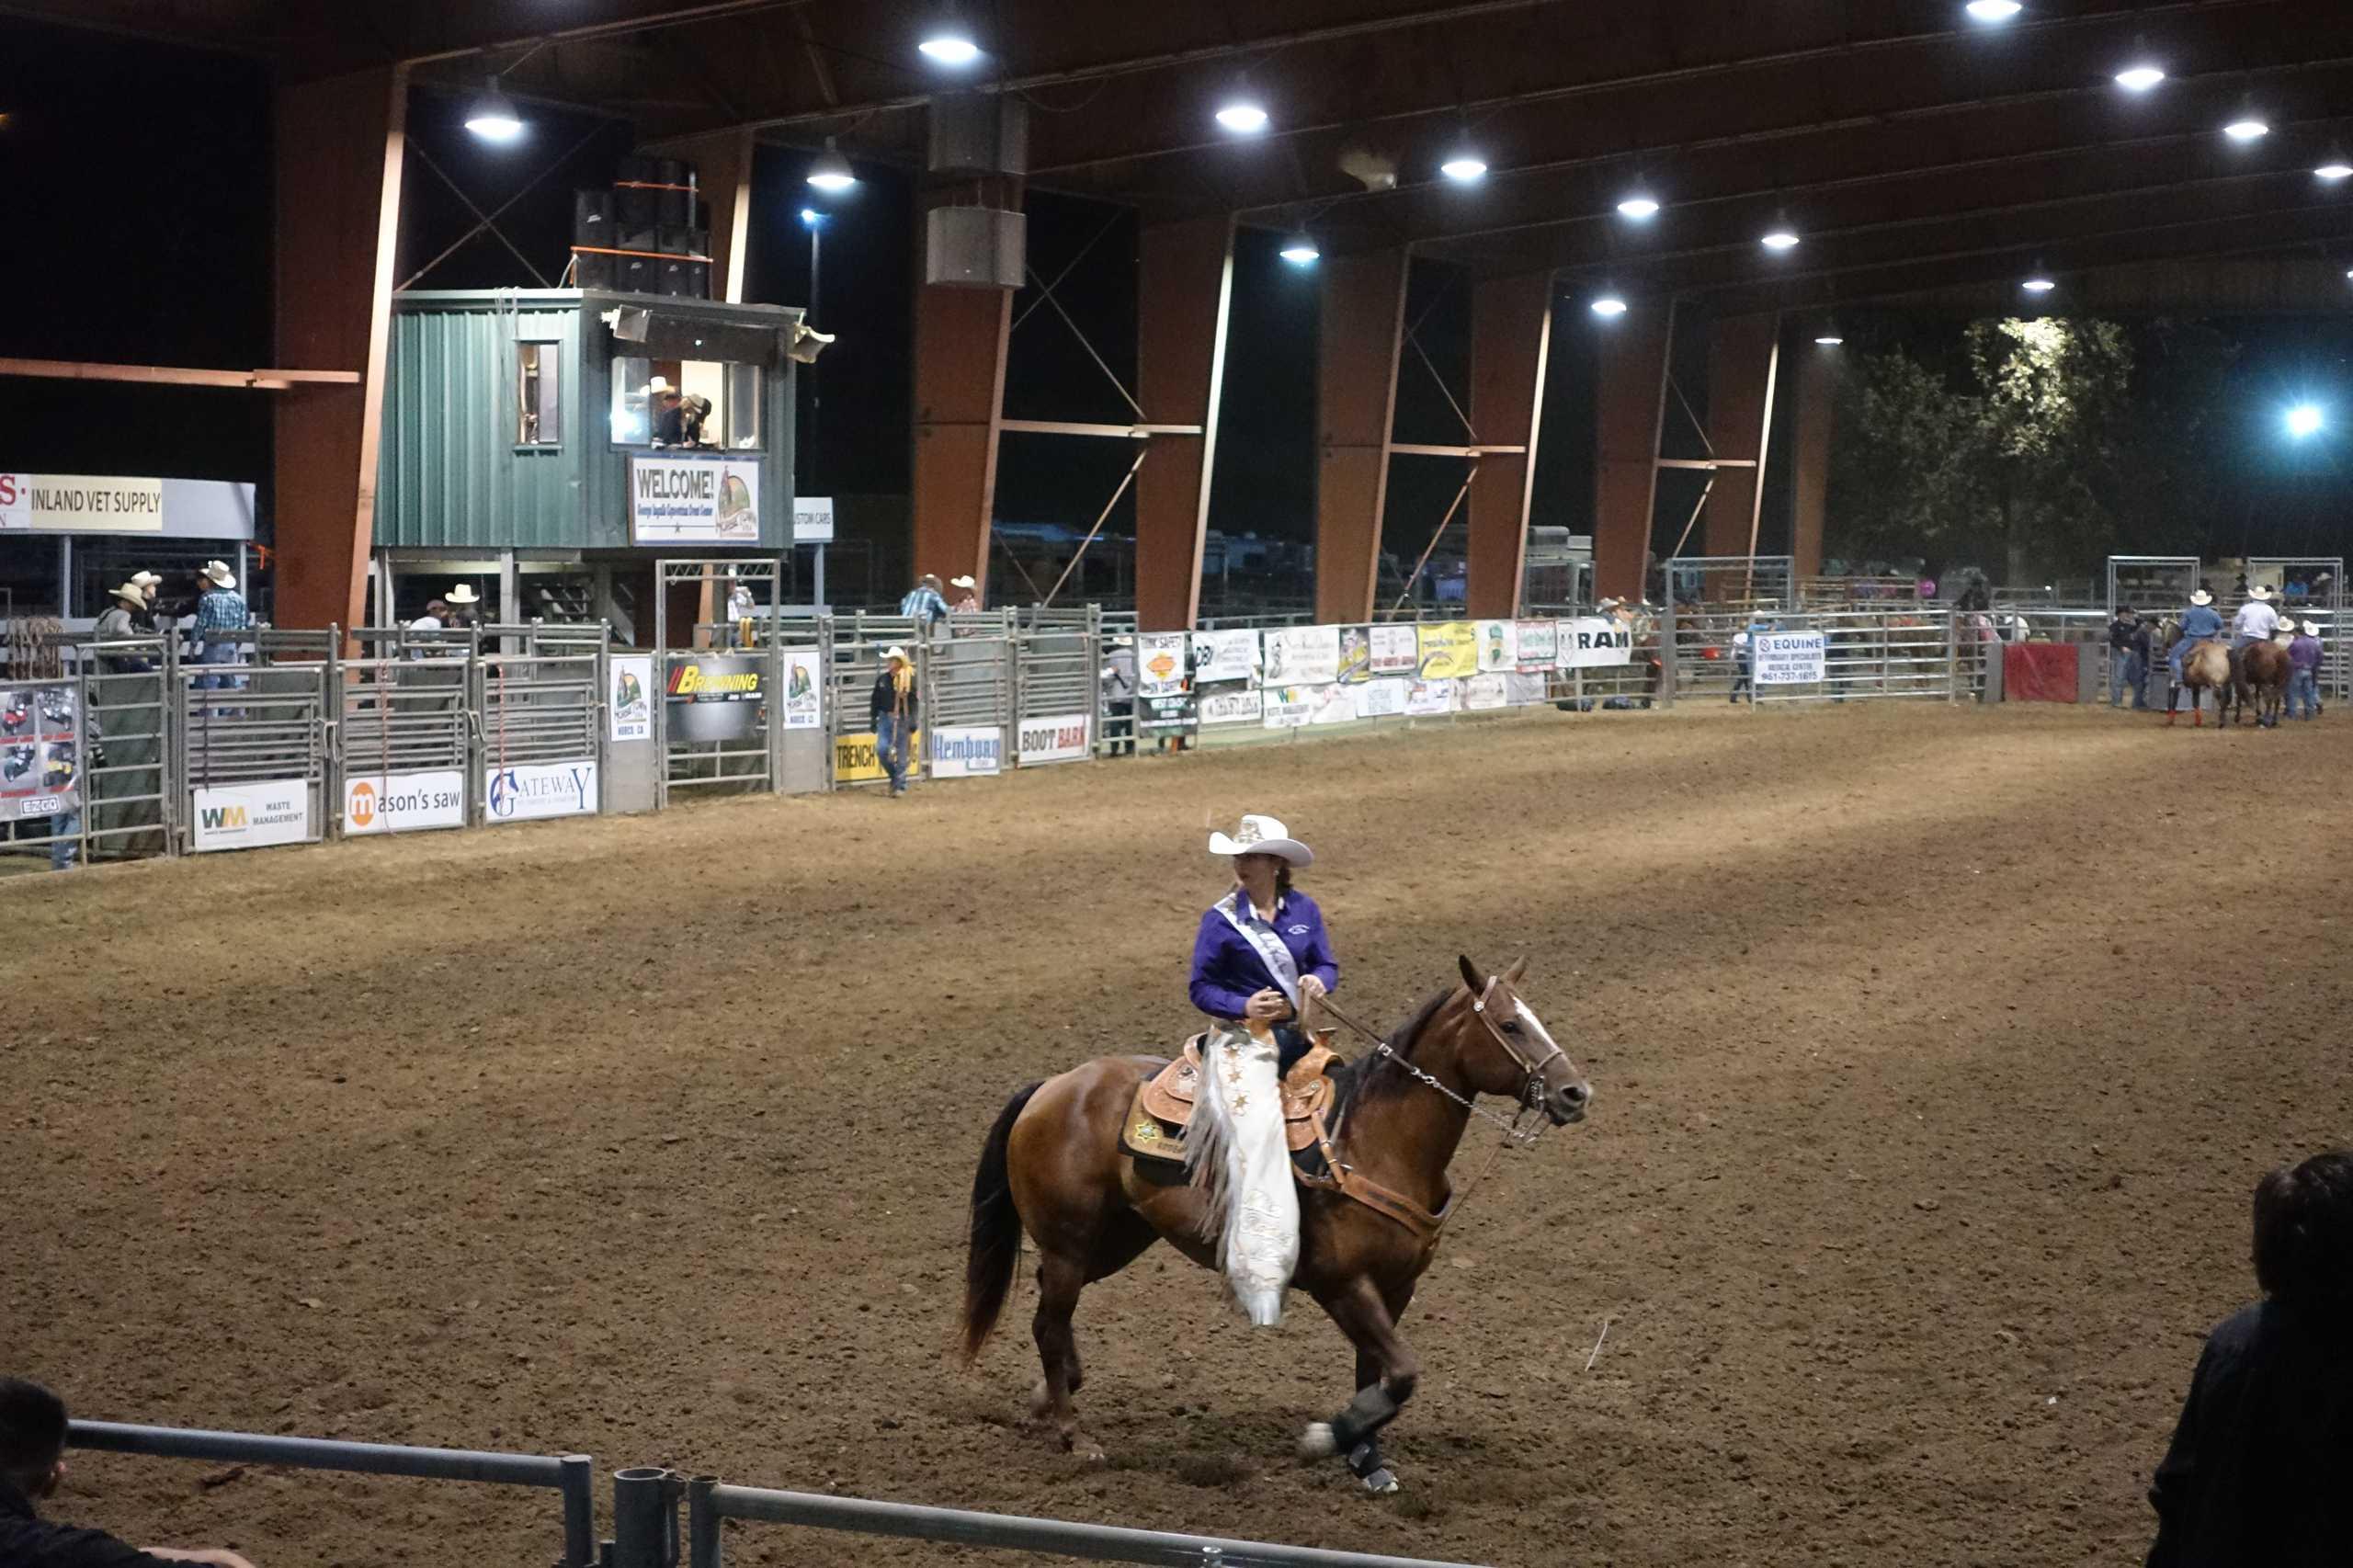 Cowgirl während der Pause